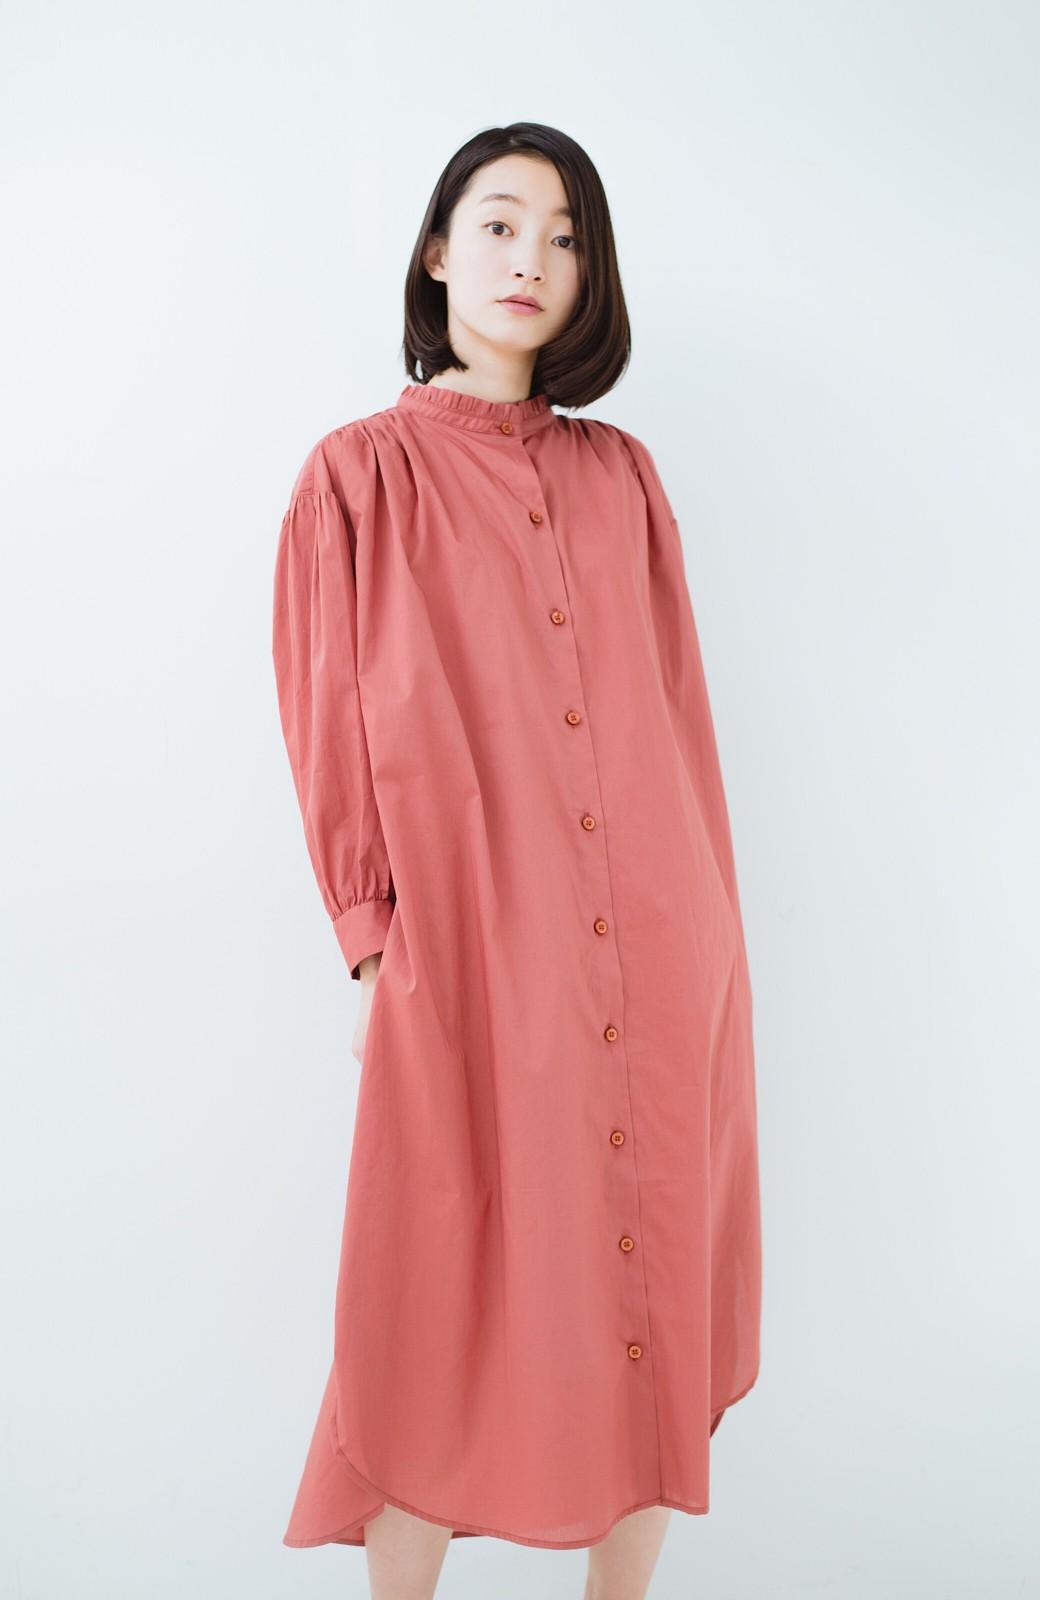 haco! 羽織りにもなって着回しのきくサッシュベルト付きシャツワンピース <ピンク>の商品写真20